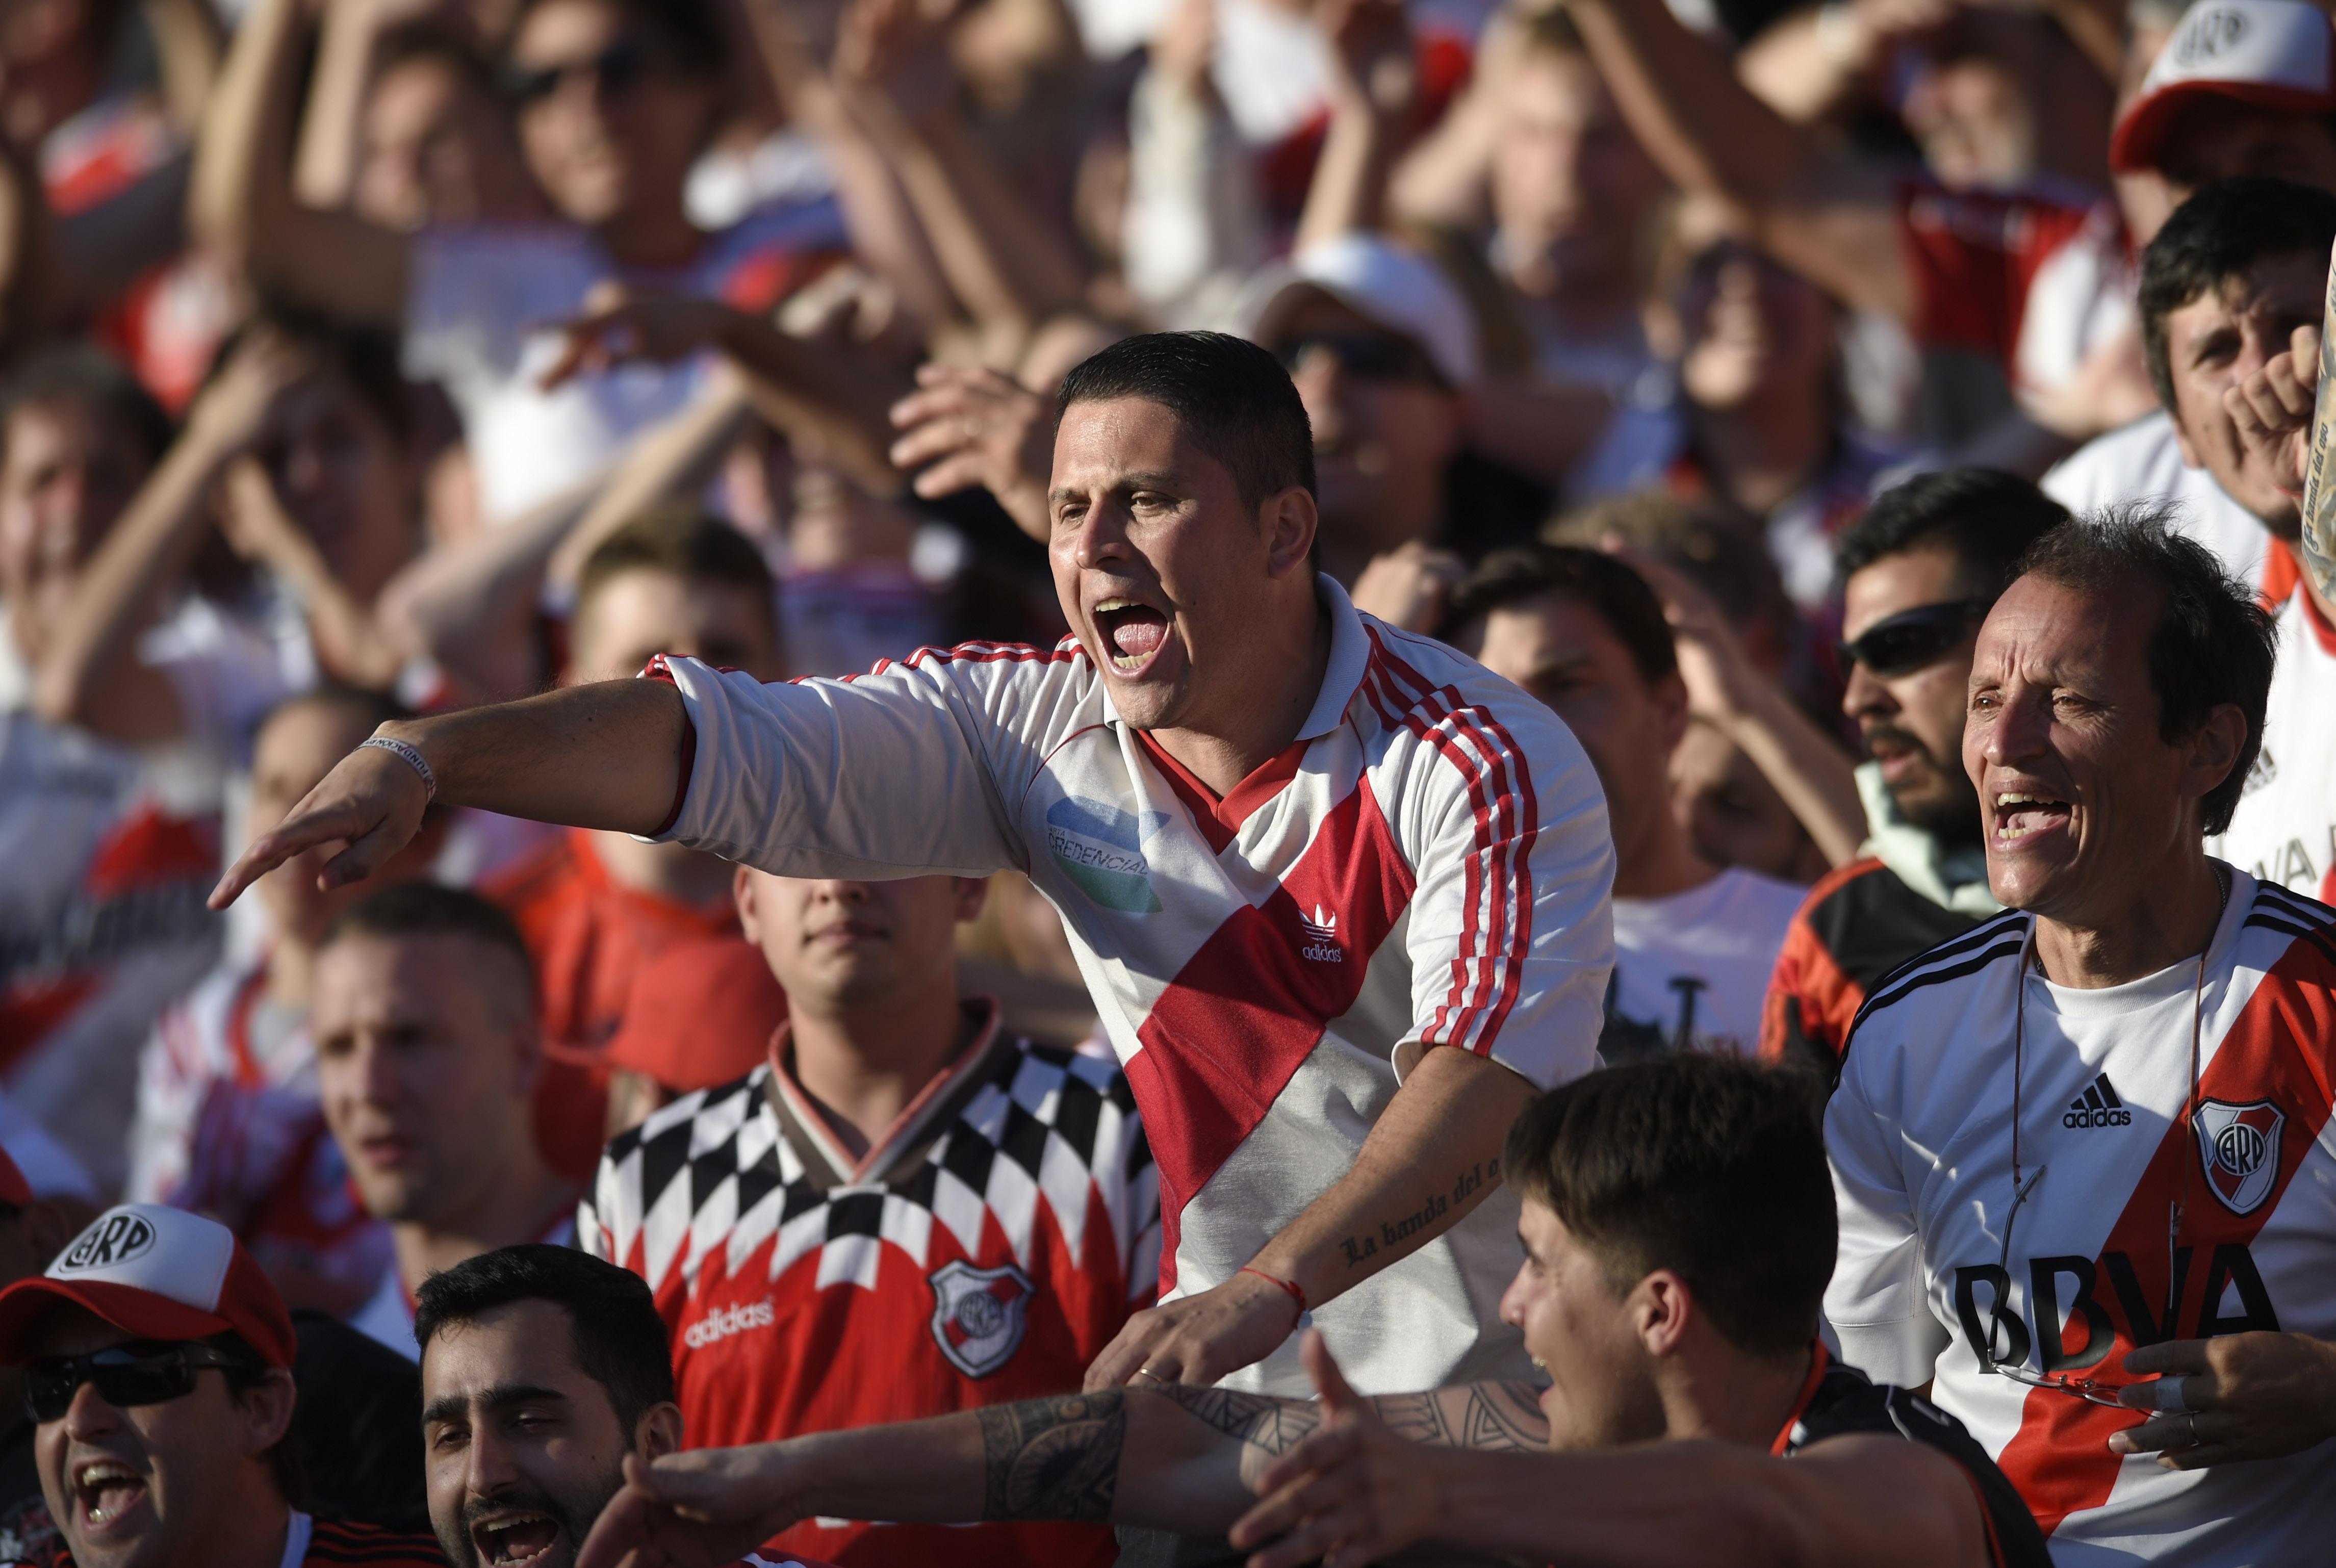 promo code 44208 e62a9 Copa Libertadores final postponed after Boca bus attacked ...